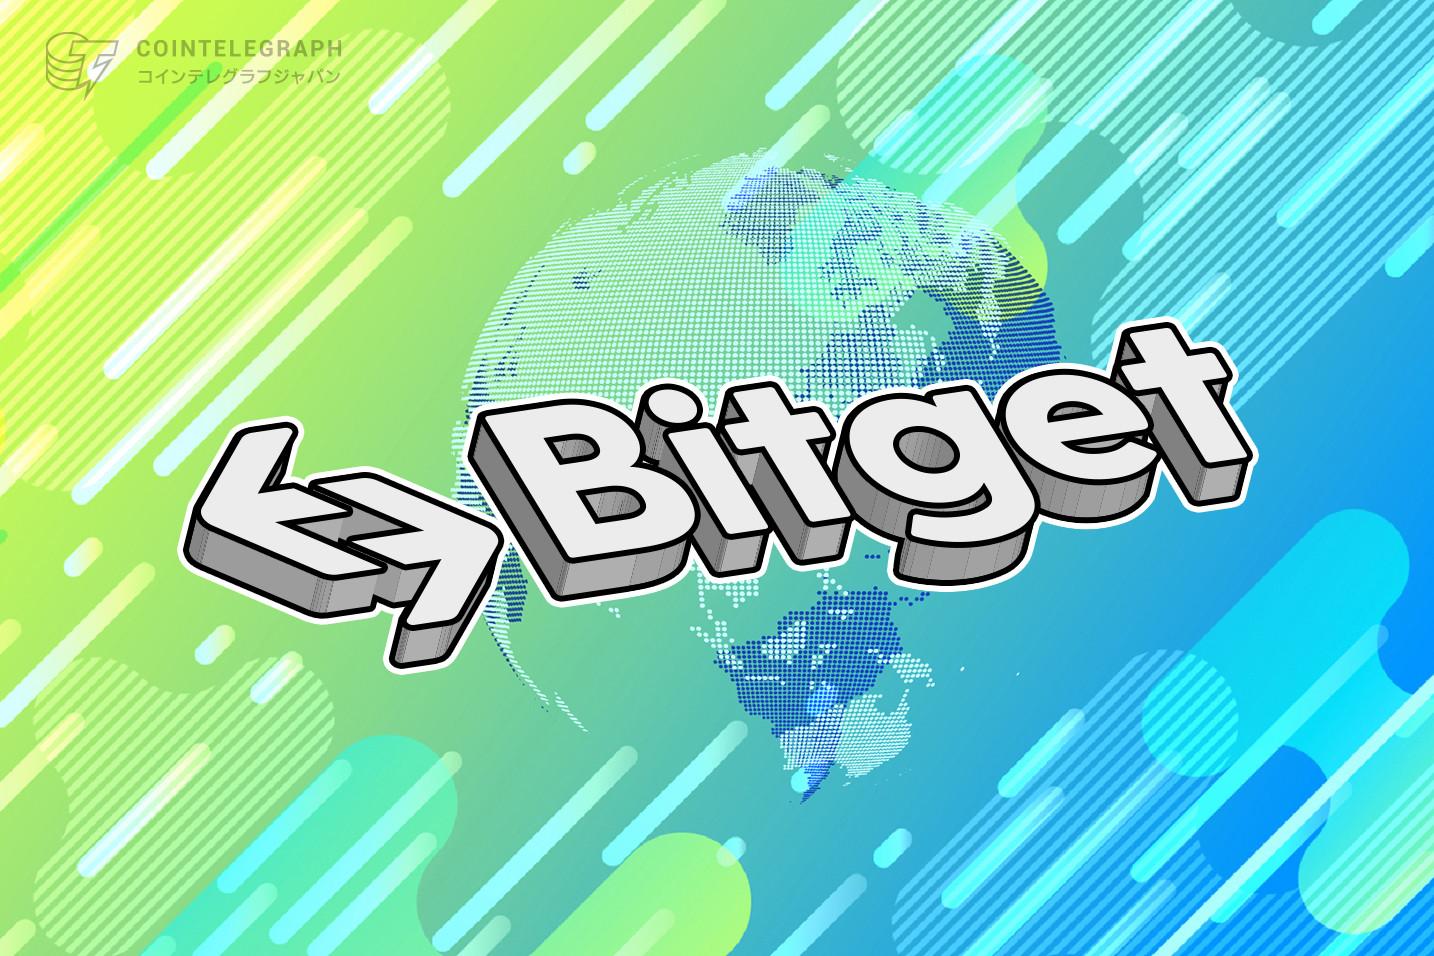 Bitget累計登録コピートレーダーが10000名を超え